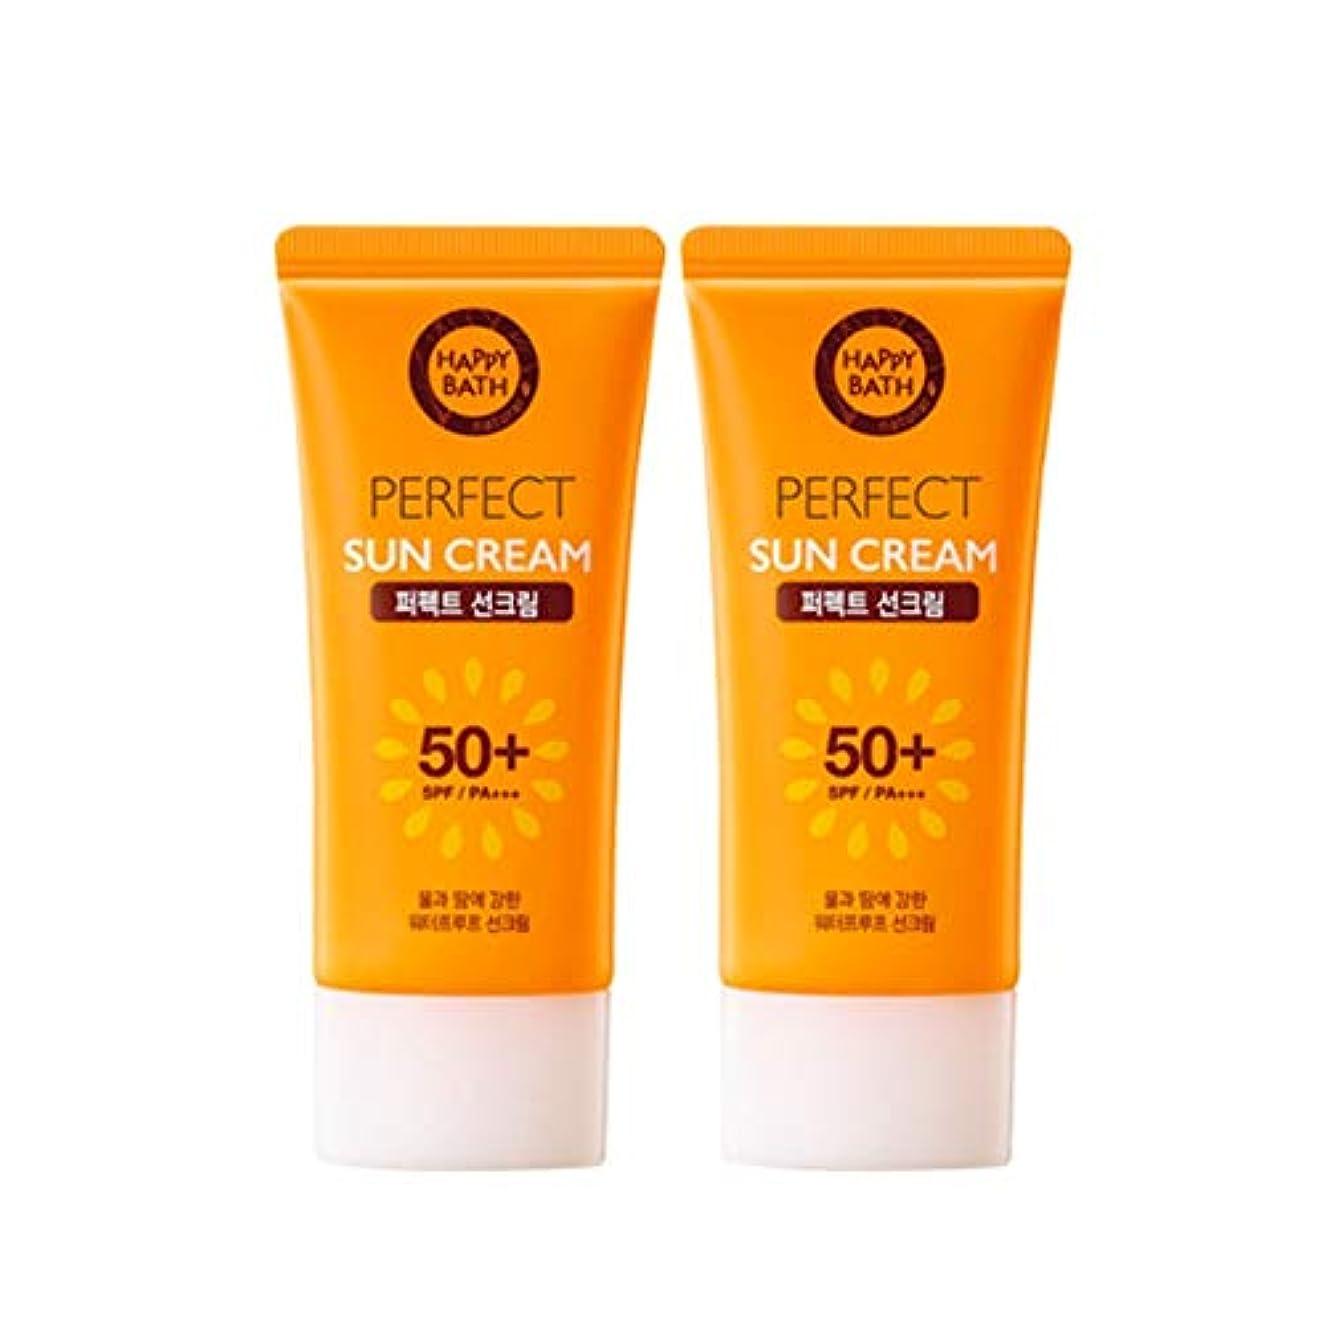 有力者西リーダーシップハッピーバスパーフェクトサンクリーム 80gx2本セット韓国コスメ、Happy Bath Perfect Sun Cream 80g x 2ea Set Korean Cosmetics [並行輸入品]